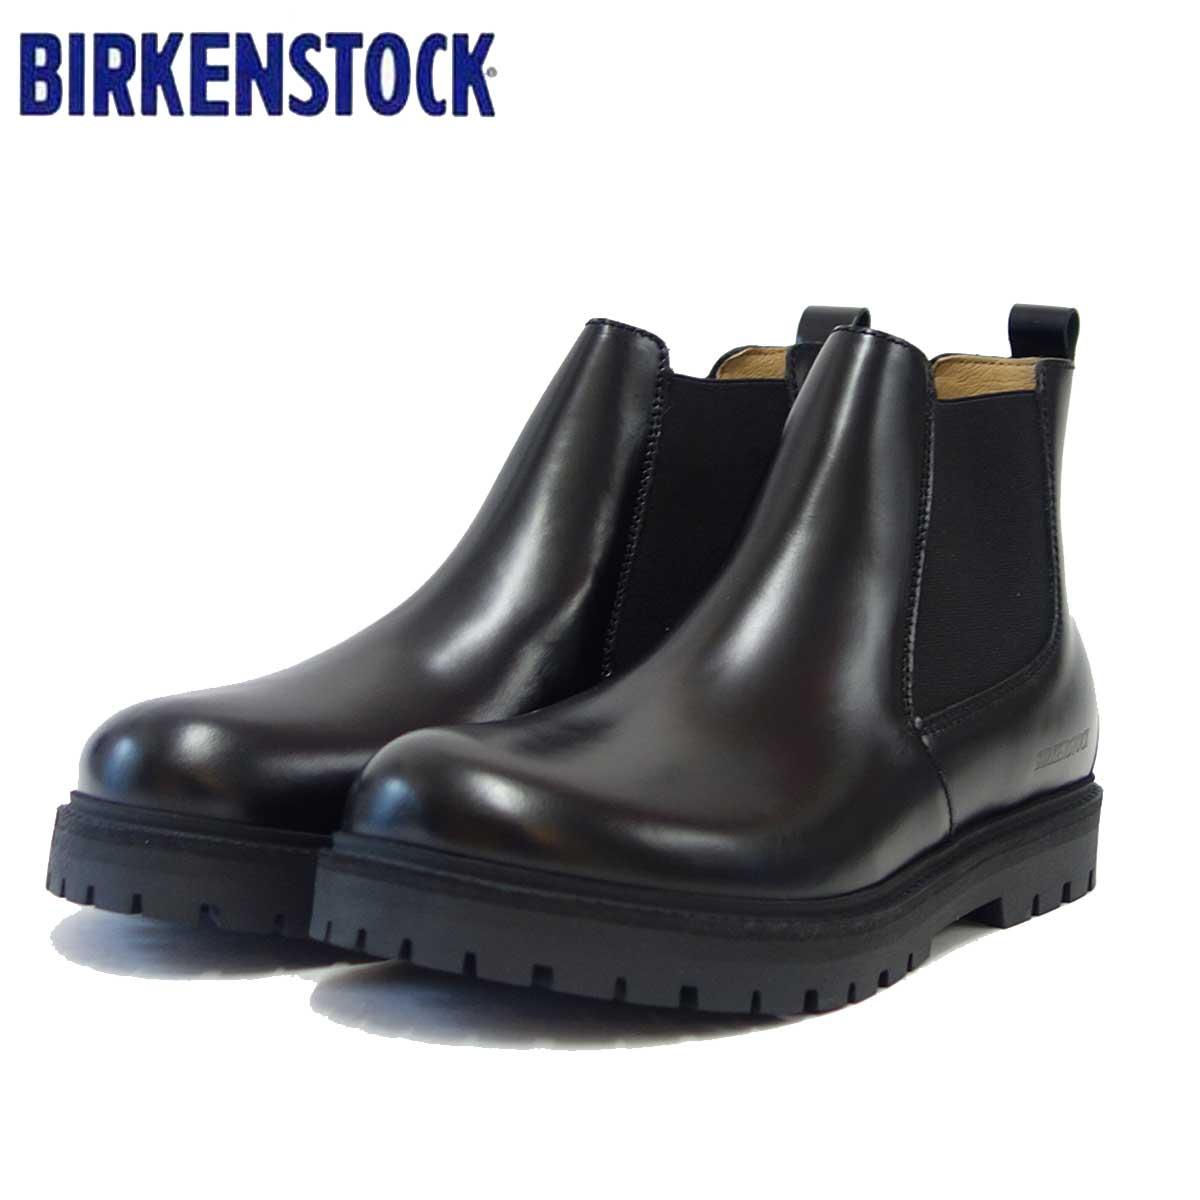 ビルケンシュトック BIRKENSTOCK STALON(スタロン)メンズ GS 1010661(ナチュラルレザー/ブラック) 「靴」